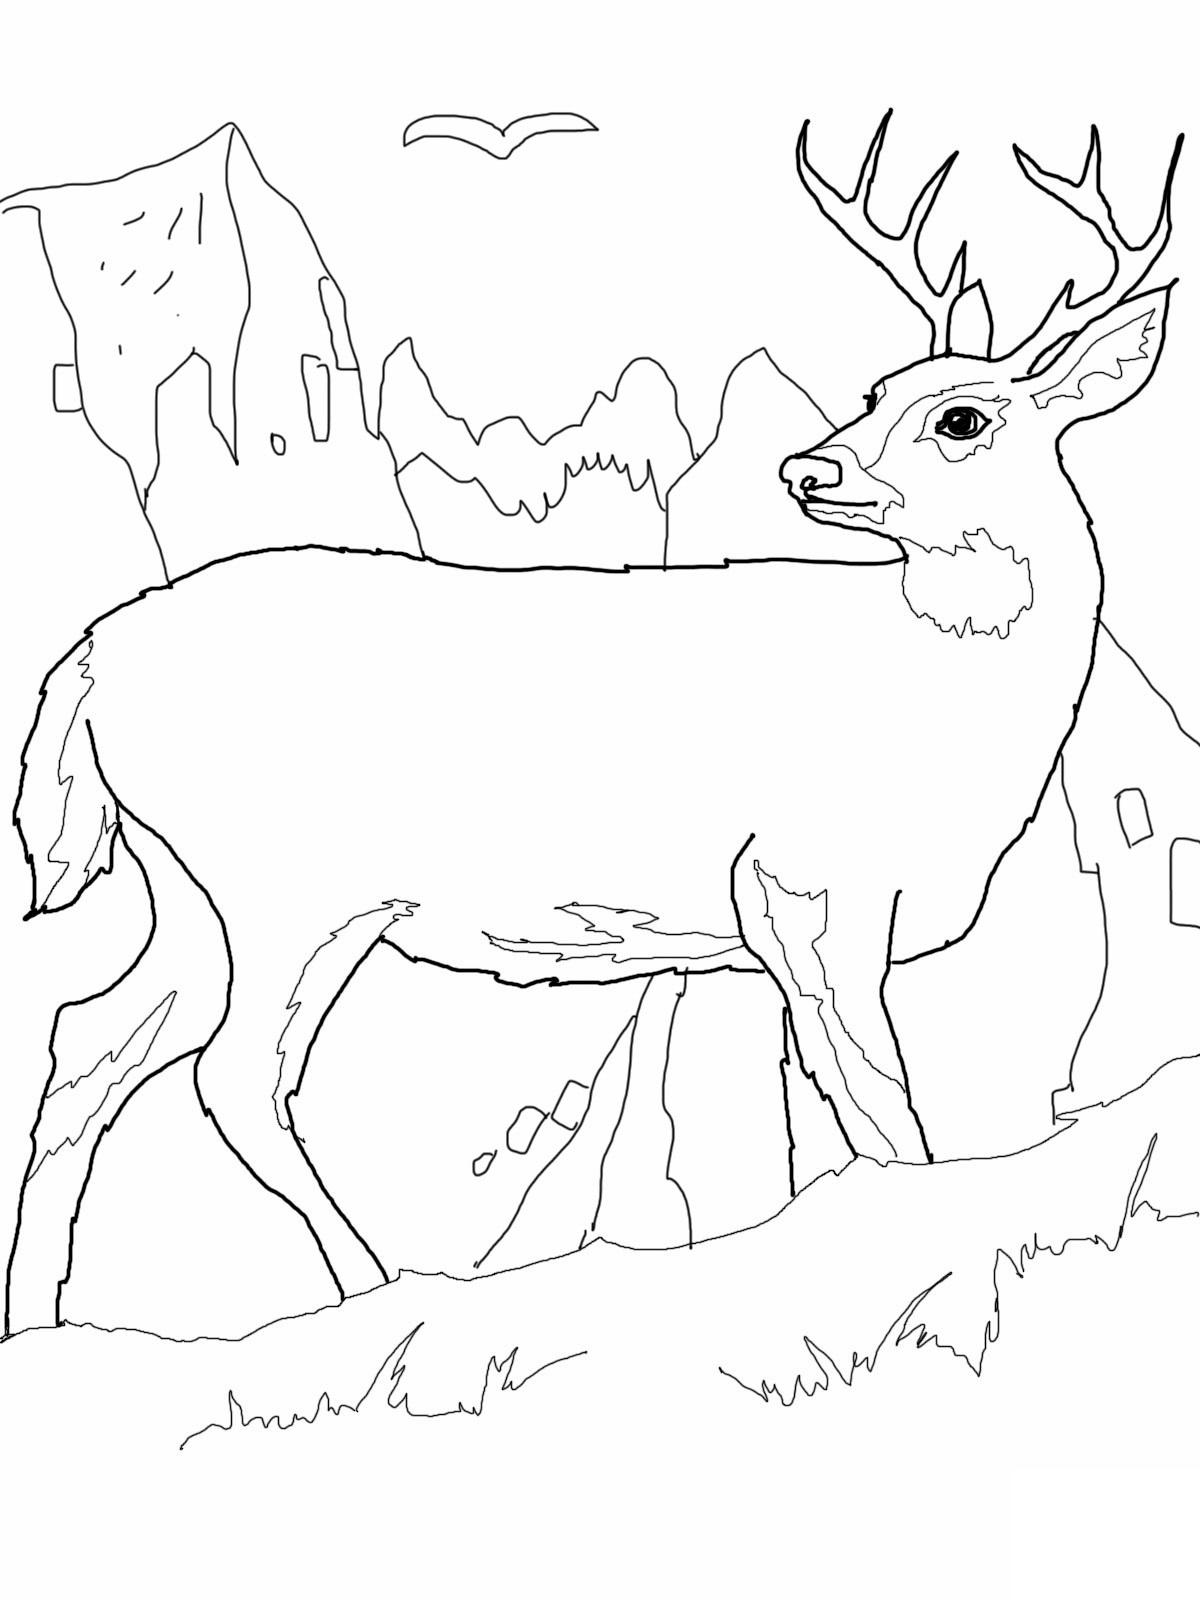 coloring pages of deer free printable deer coloring pages for kids pages coloring of deer